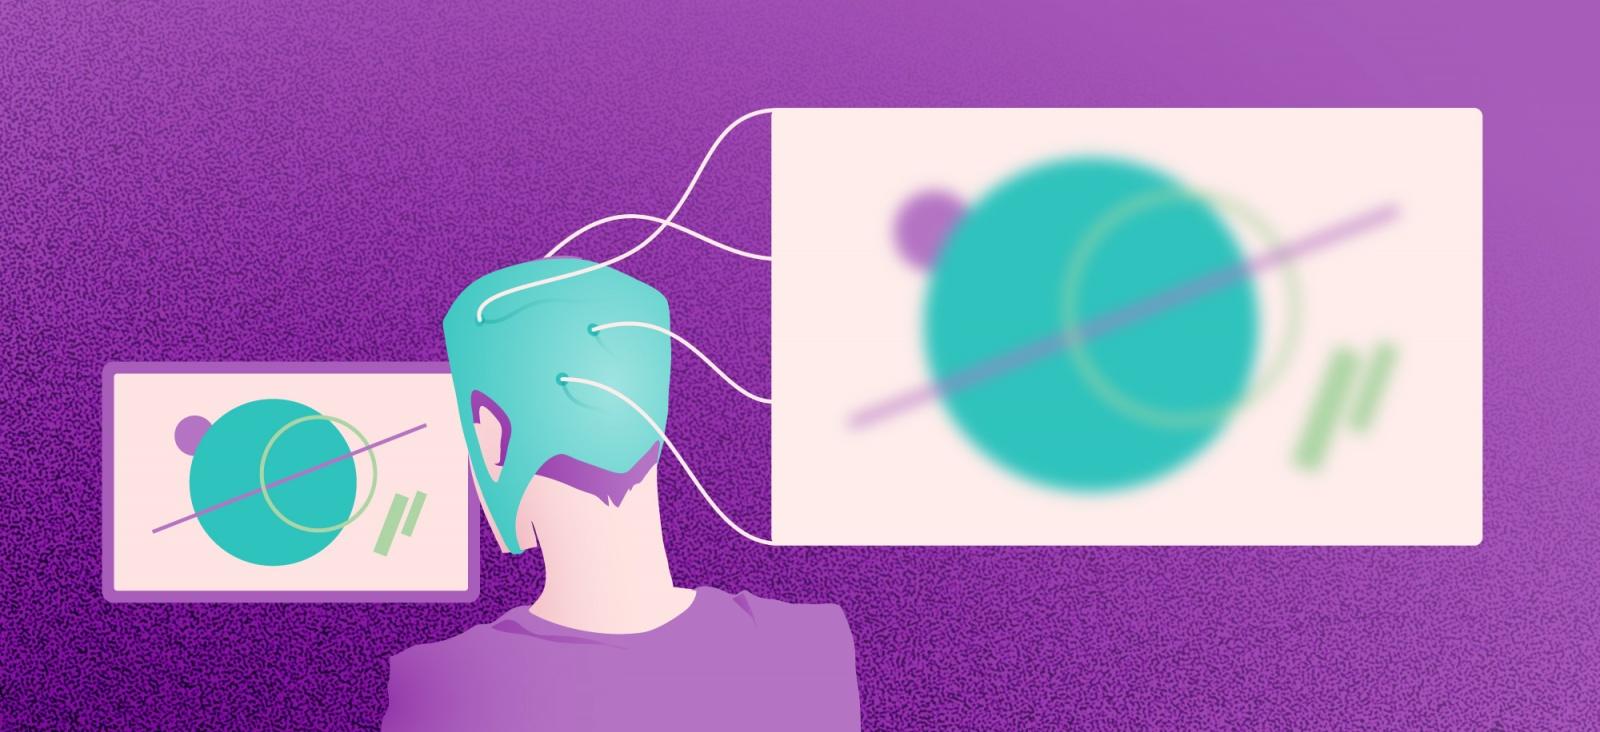 Российские ученые восстановили образы из мыслей человека по электрической активности мозга - 1